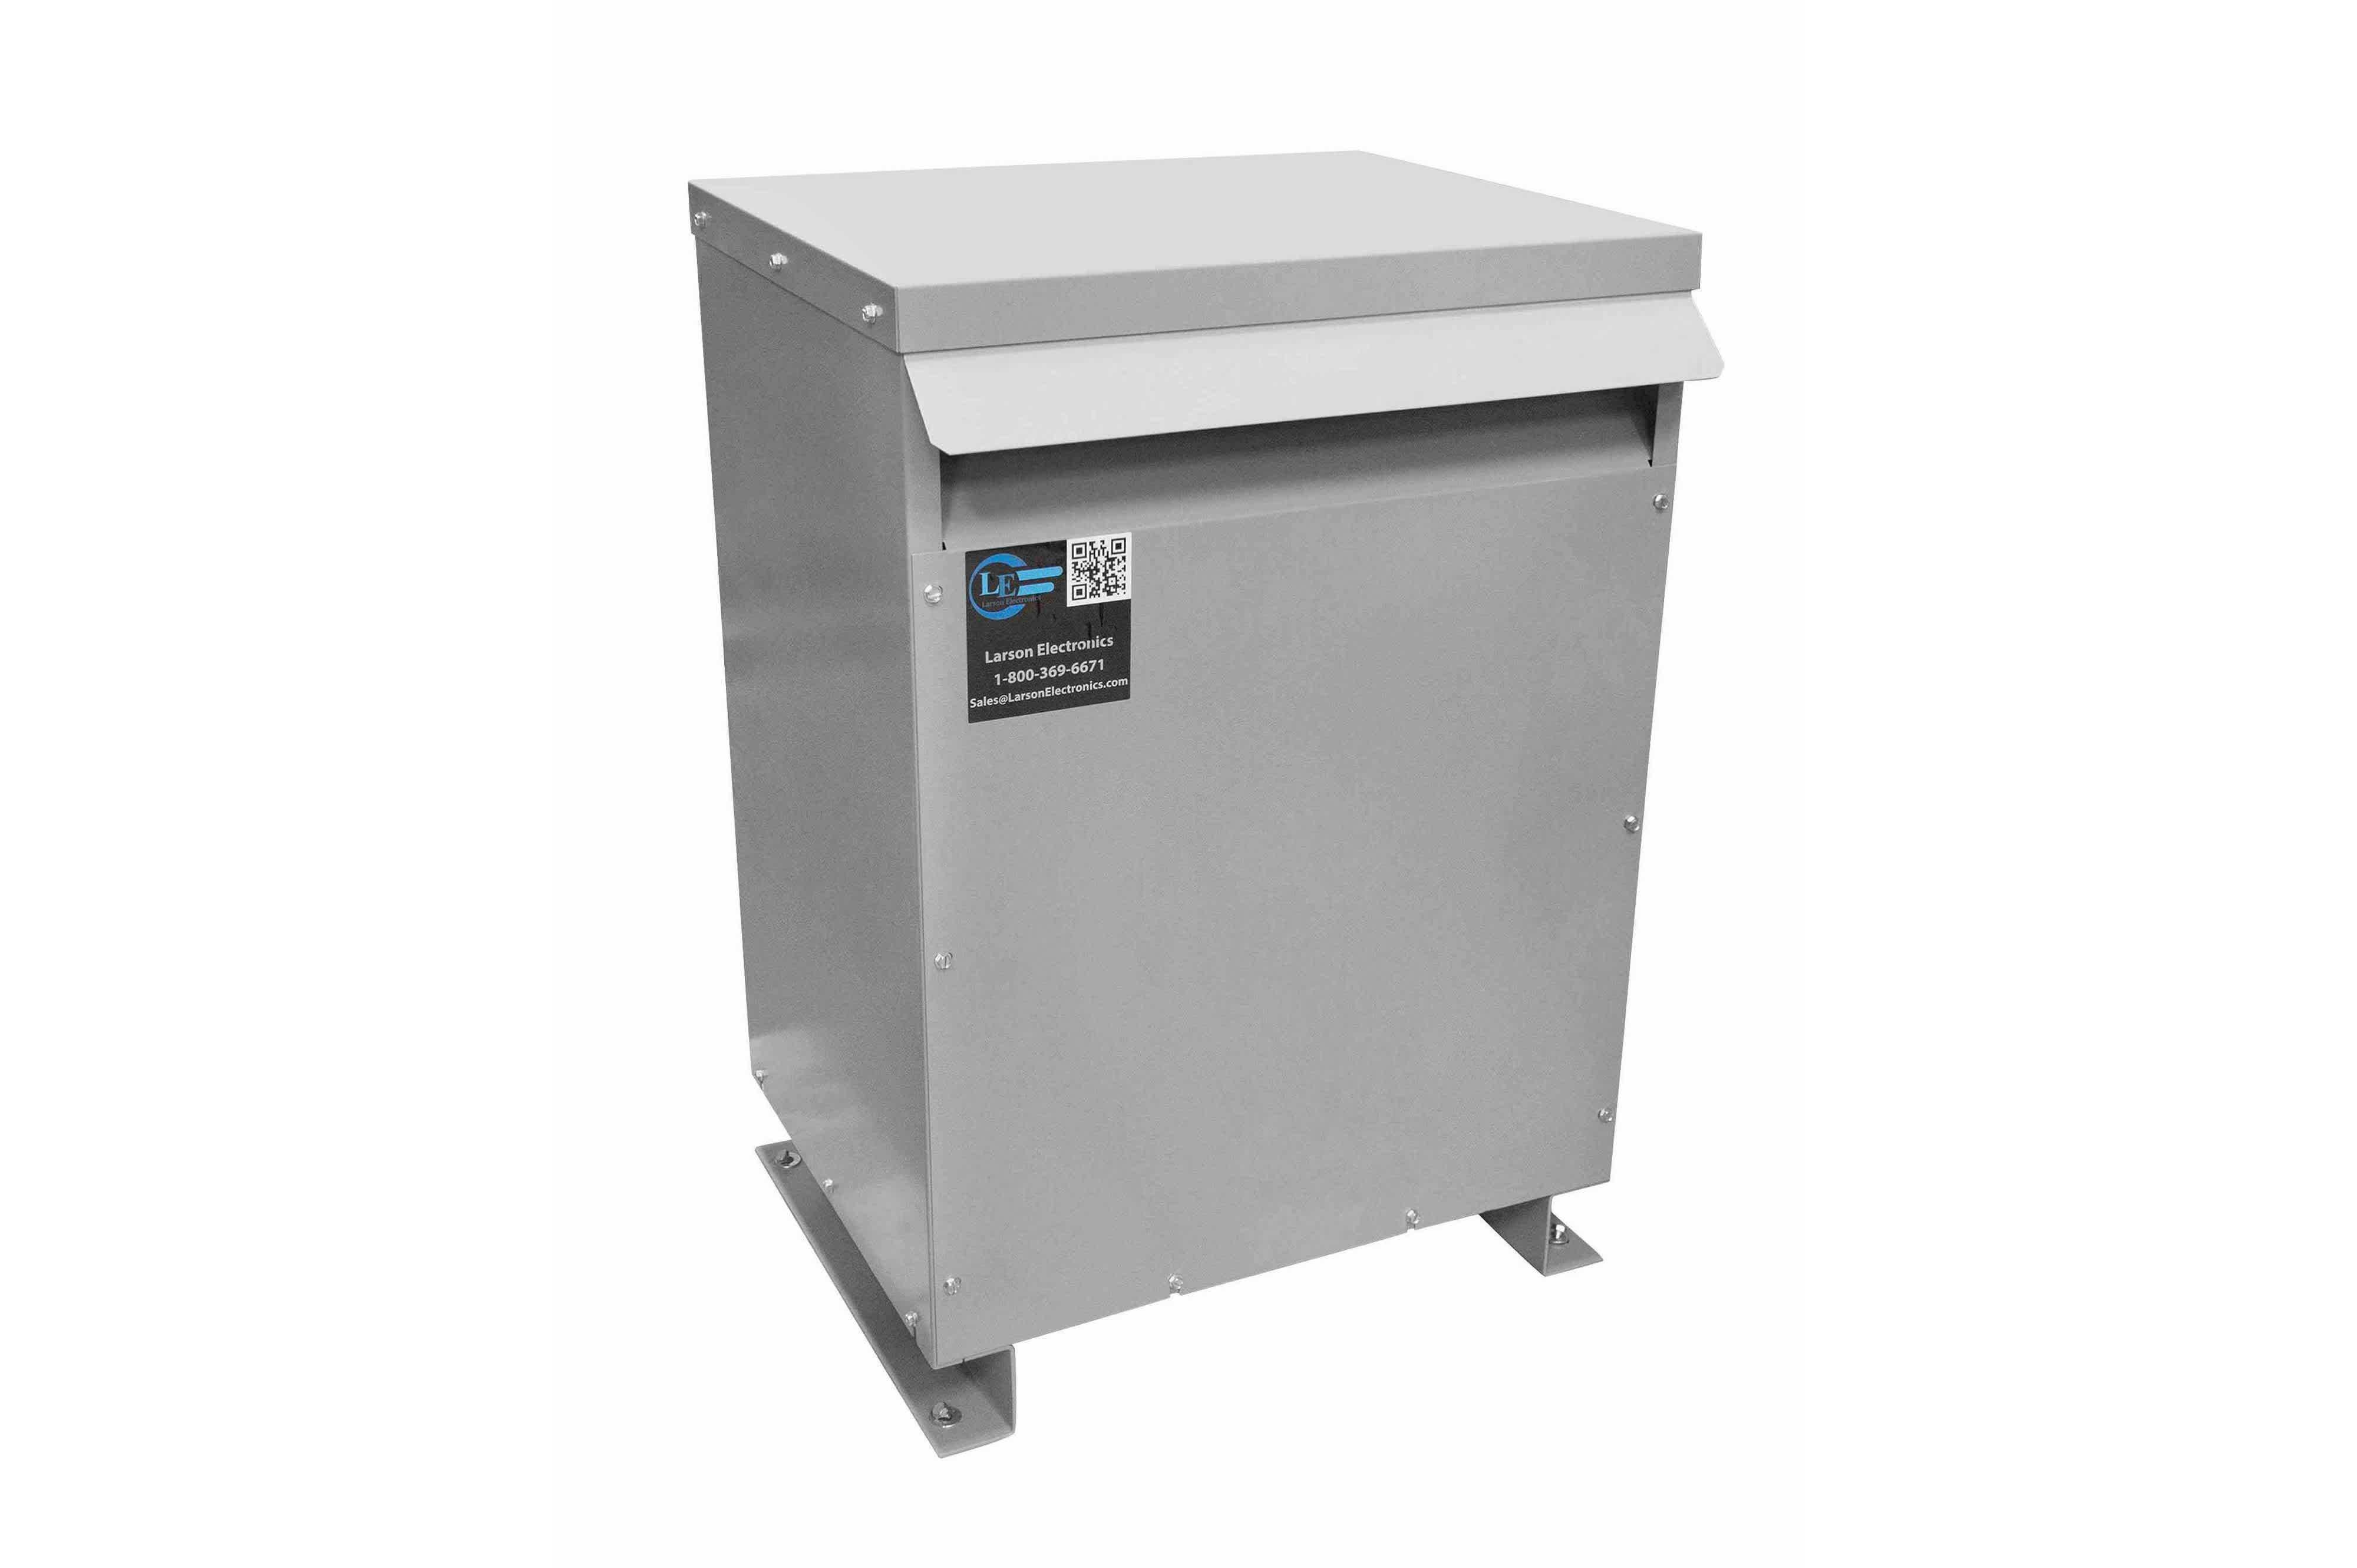 137.5 kVA 3PH Isolation Transformer, 575V Delta Primary, 208V Delta Secondary, N3R, Ventilated, 60 Hz